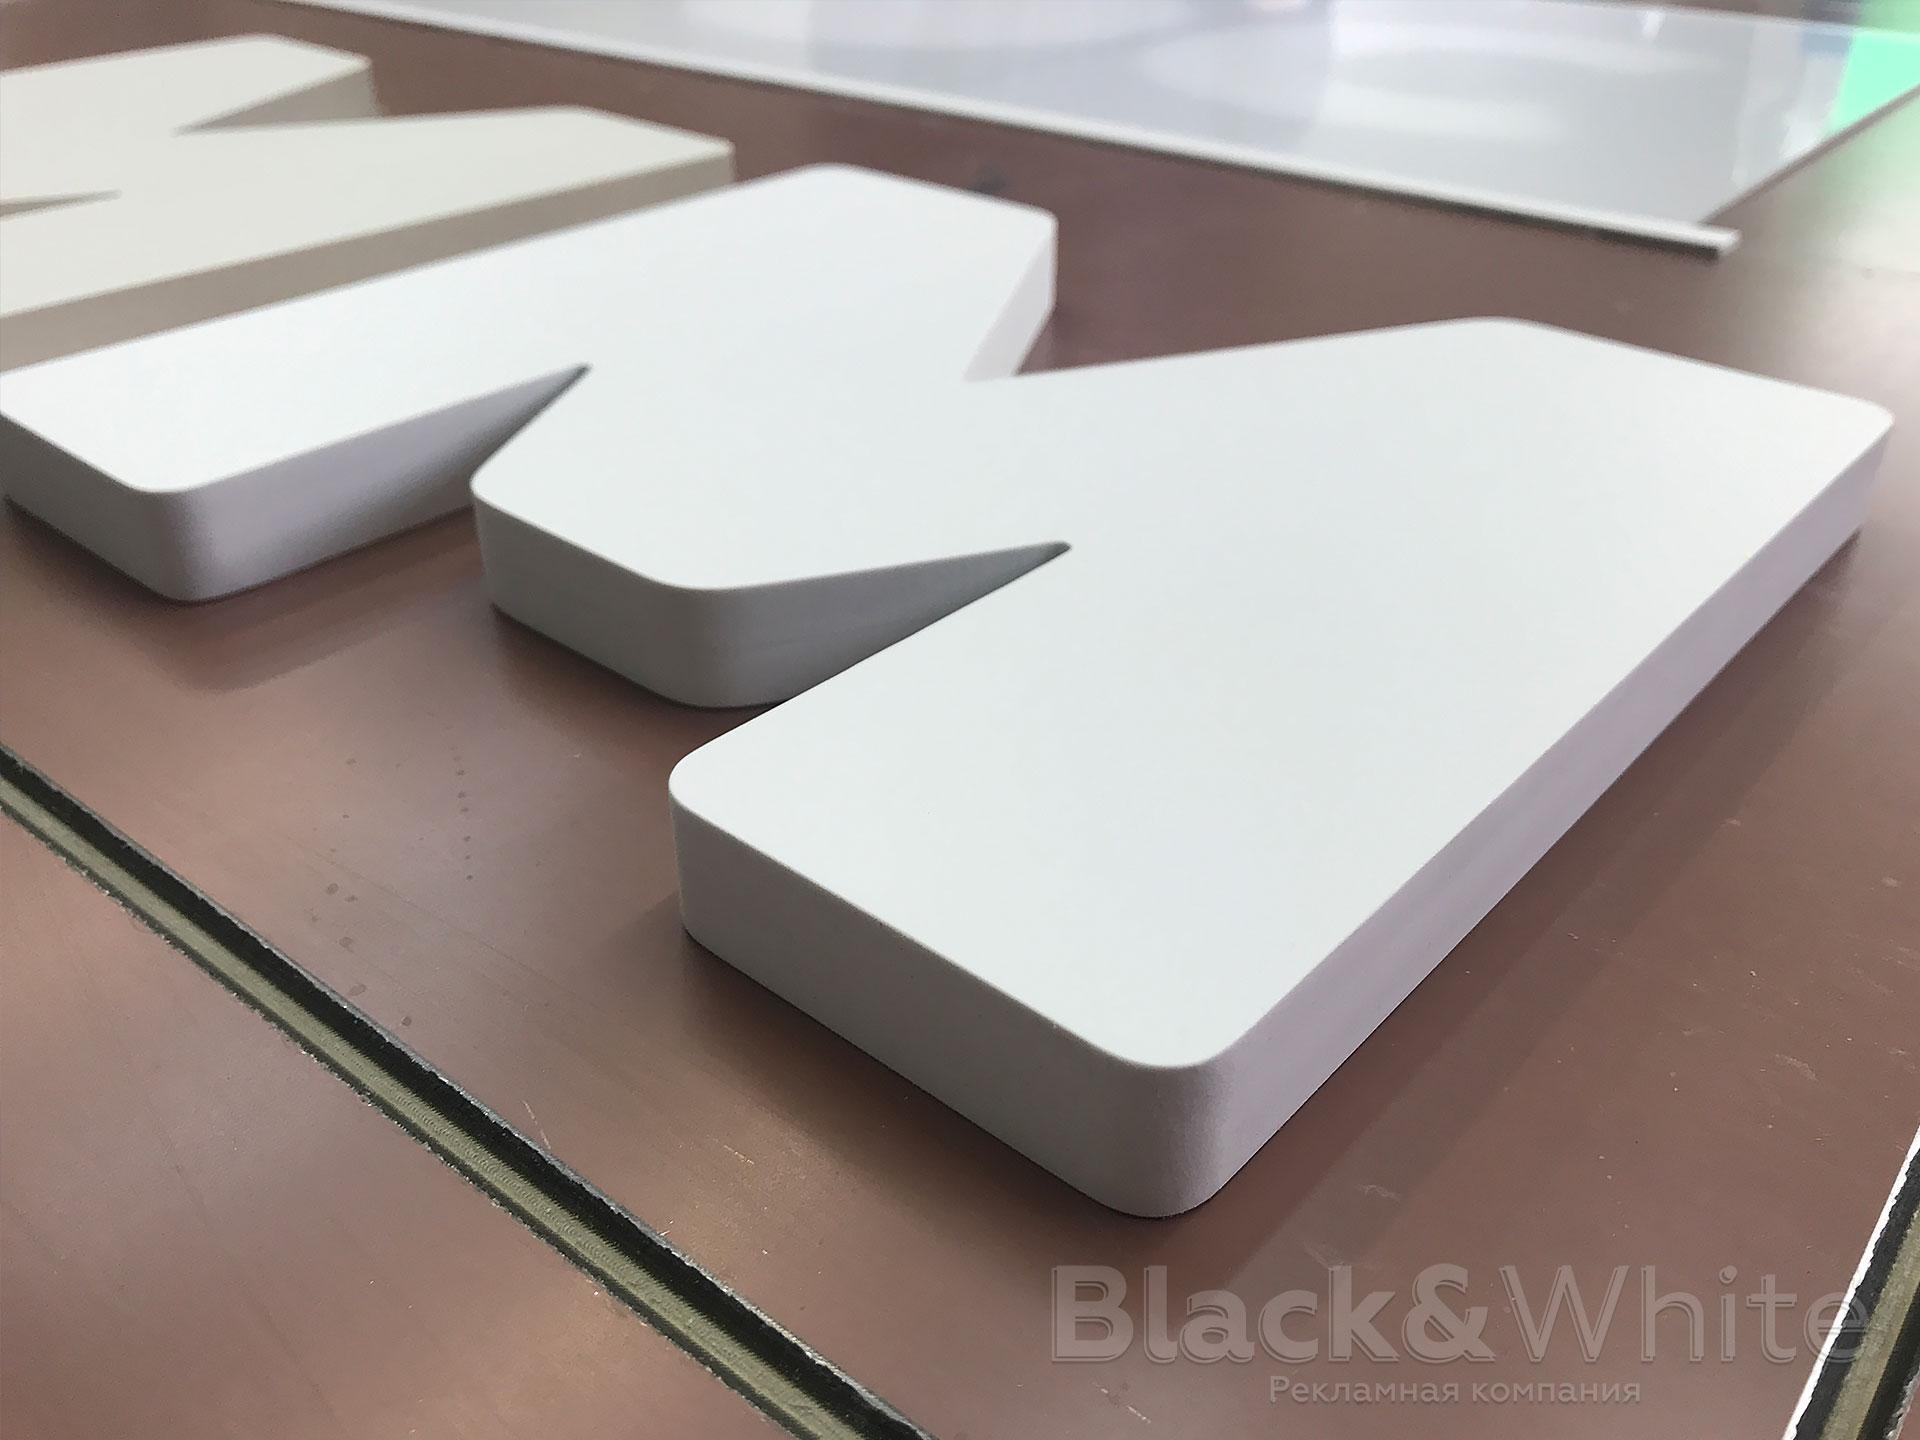 Плоские-(псевдообъемные)-буквы-из-ПВХ-Black&White.jpg